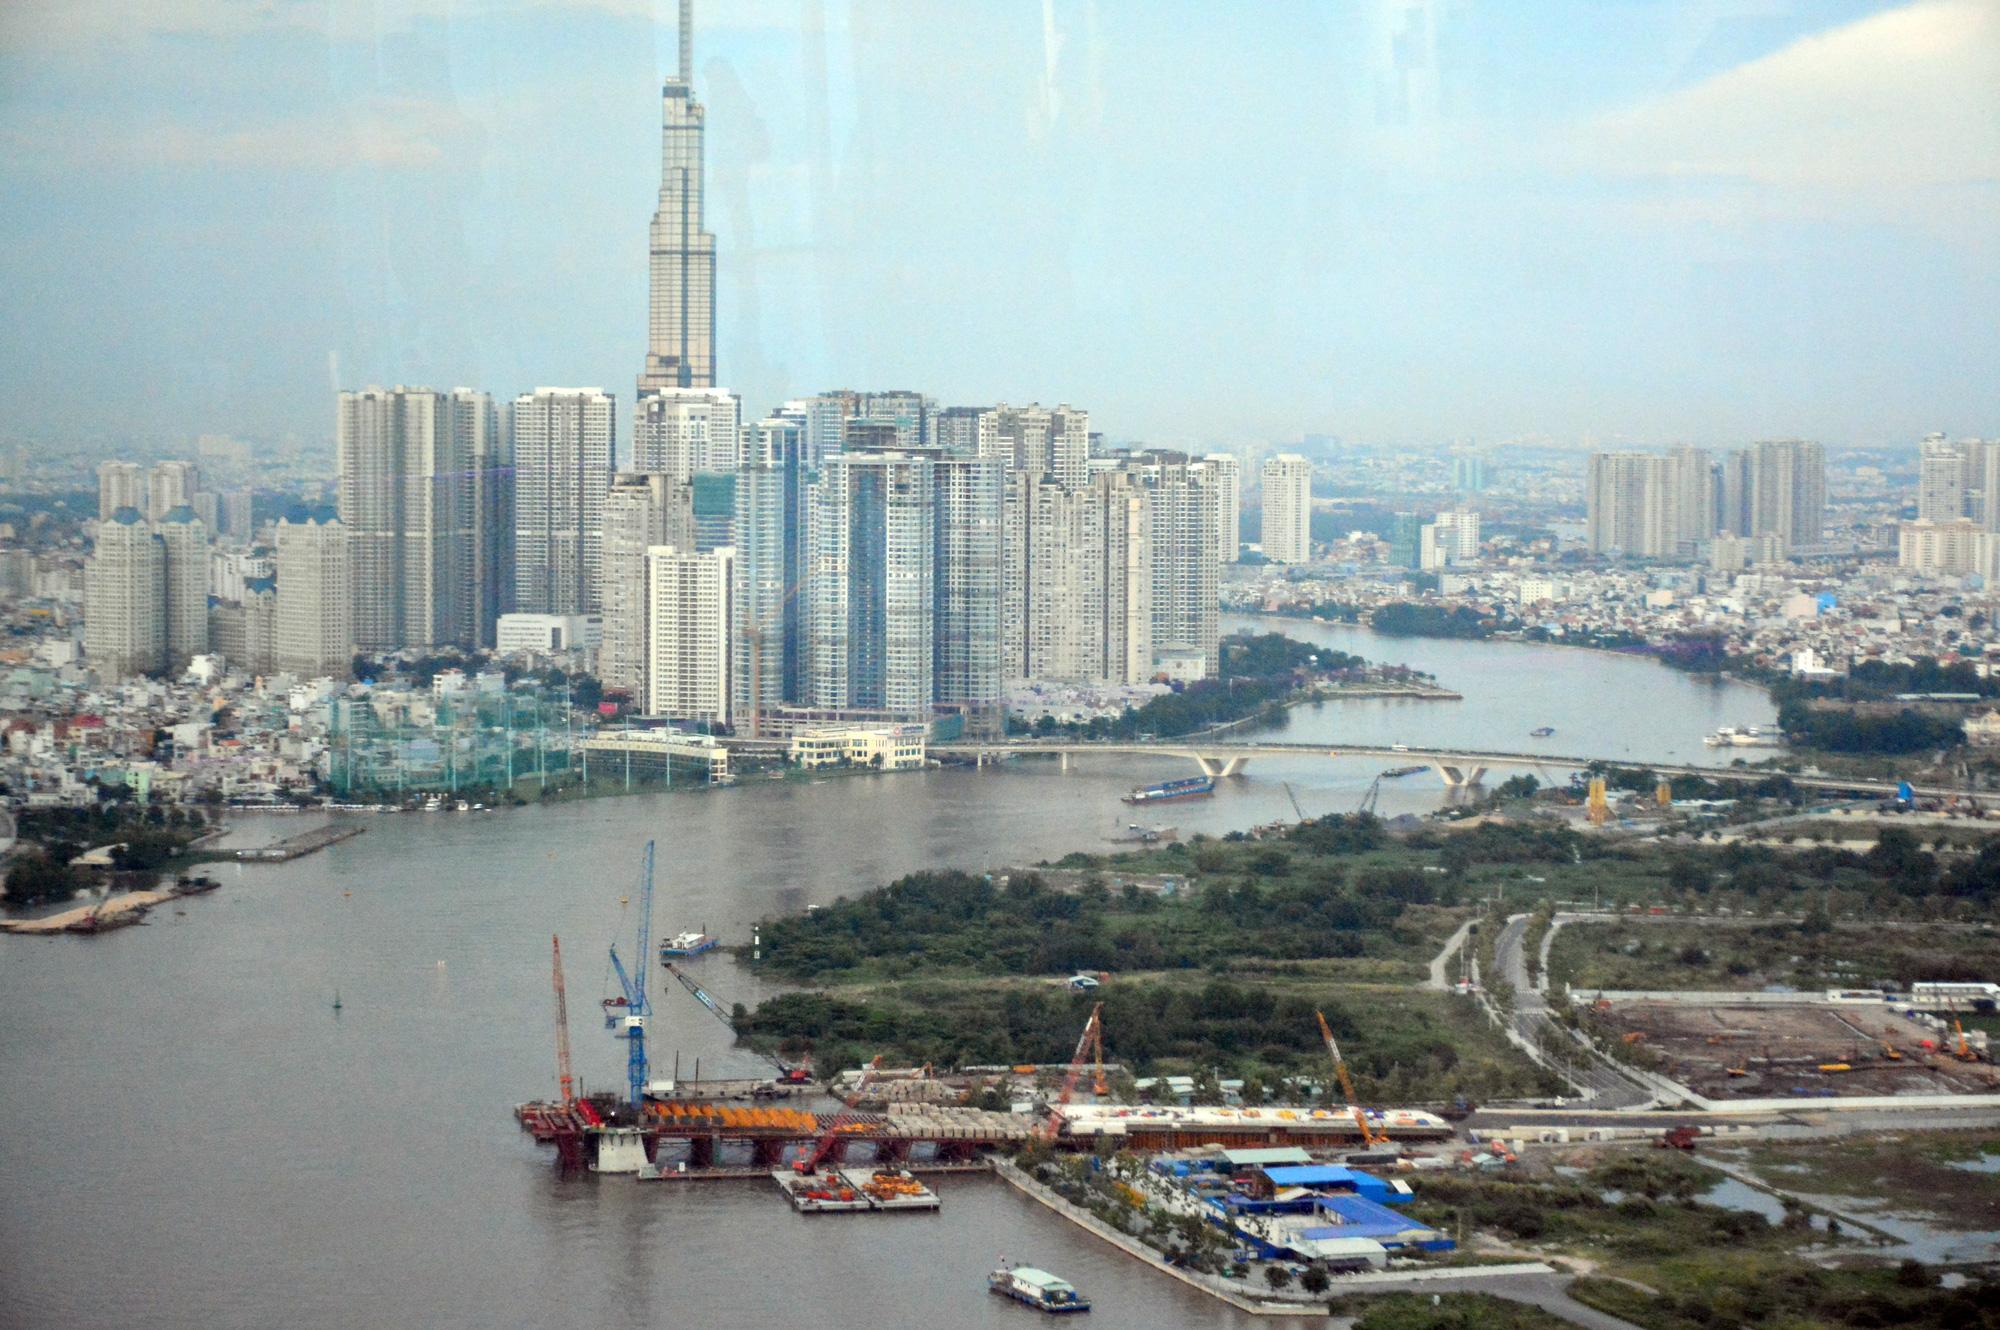 Toàn cảnh dự án Khu dân cư phía Bắc ở Thủ Thiêm của CII vừa được TP HCM cho tiếp tục triển khai - Ảnh 7.